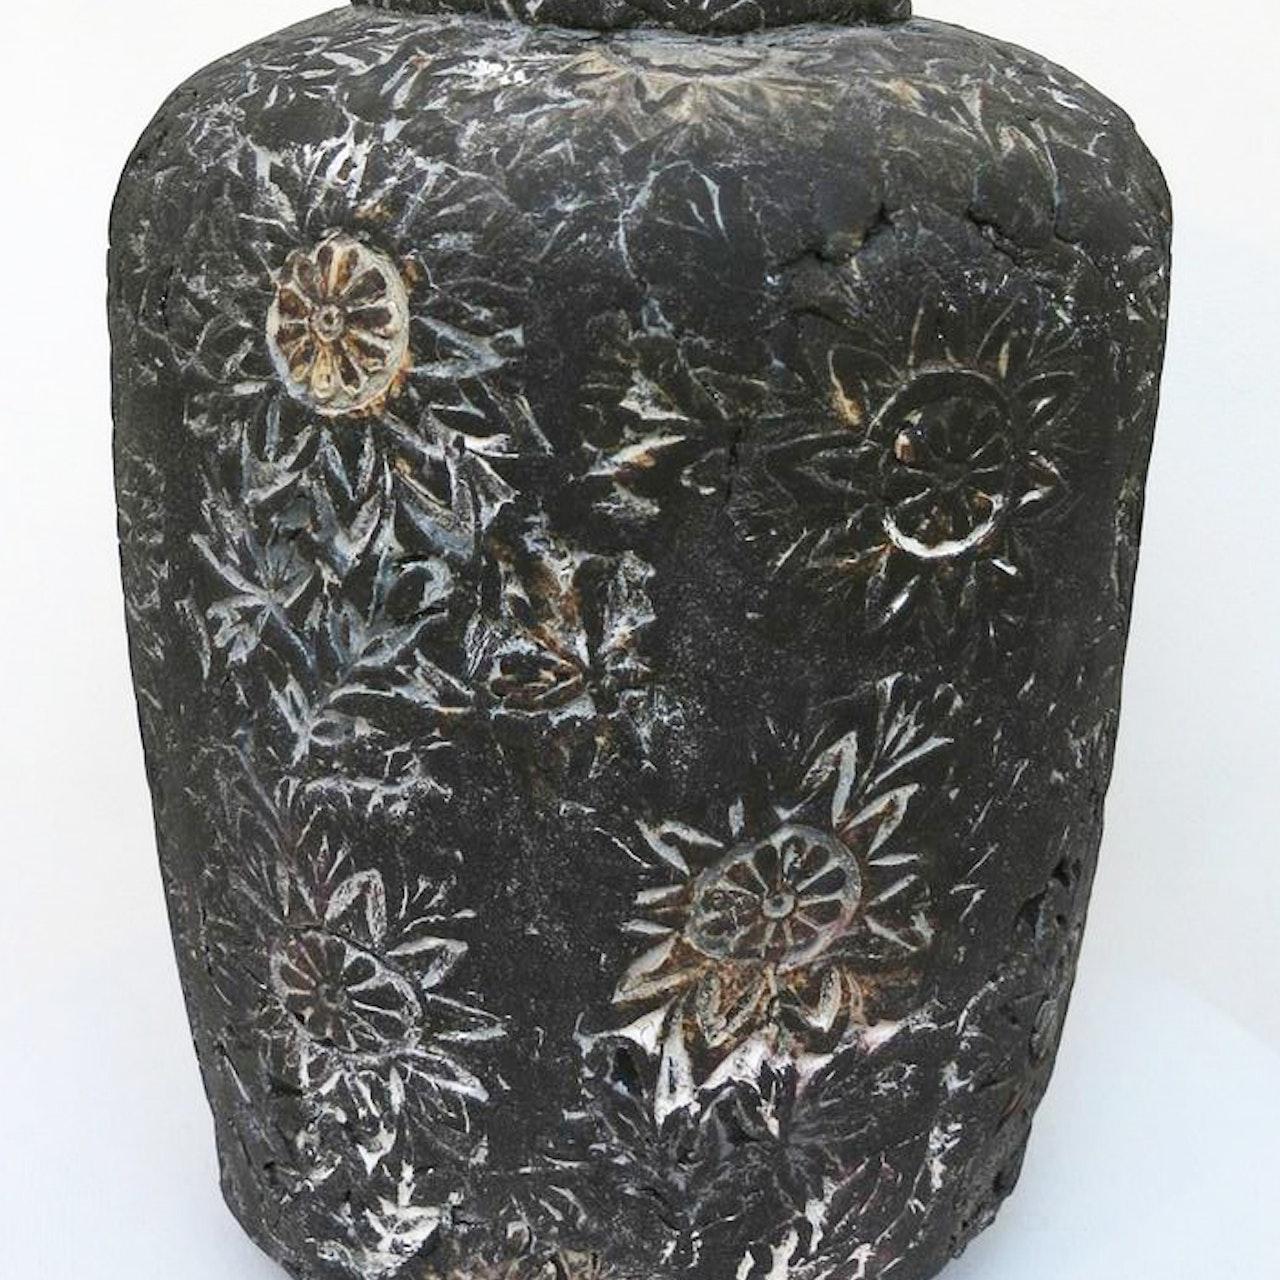 Floral Press Pot black